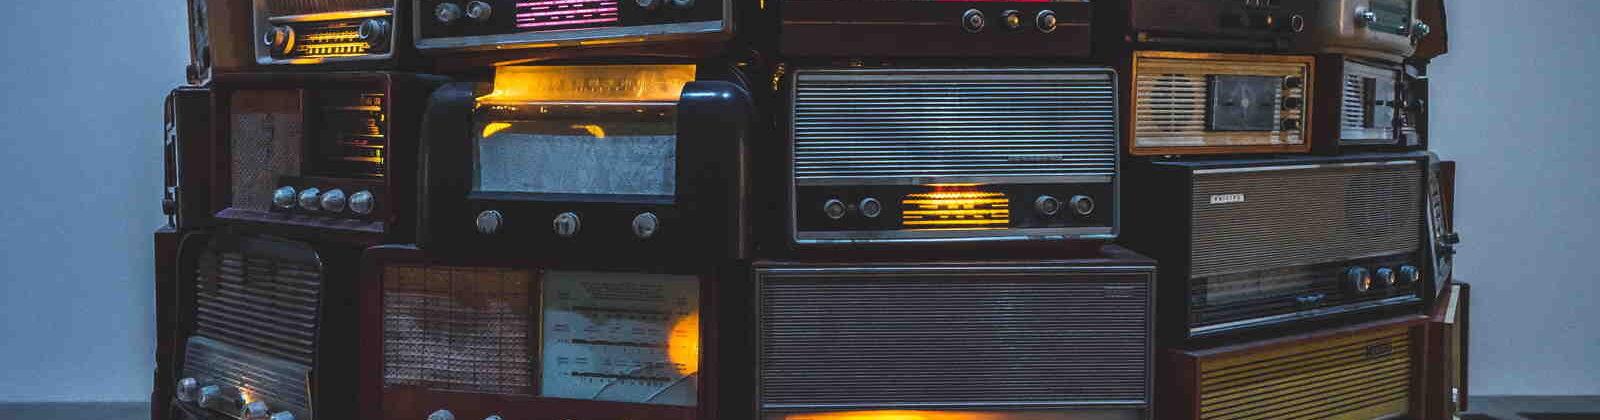 Medai: gestapelde radio's, meerdere zenders